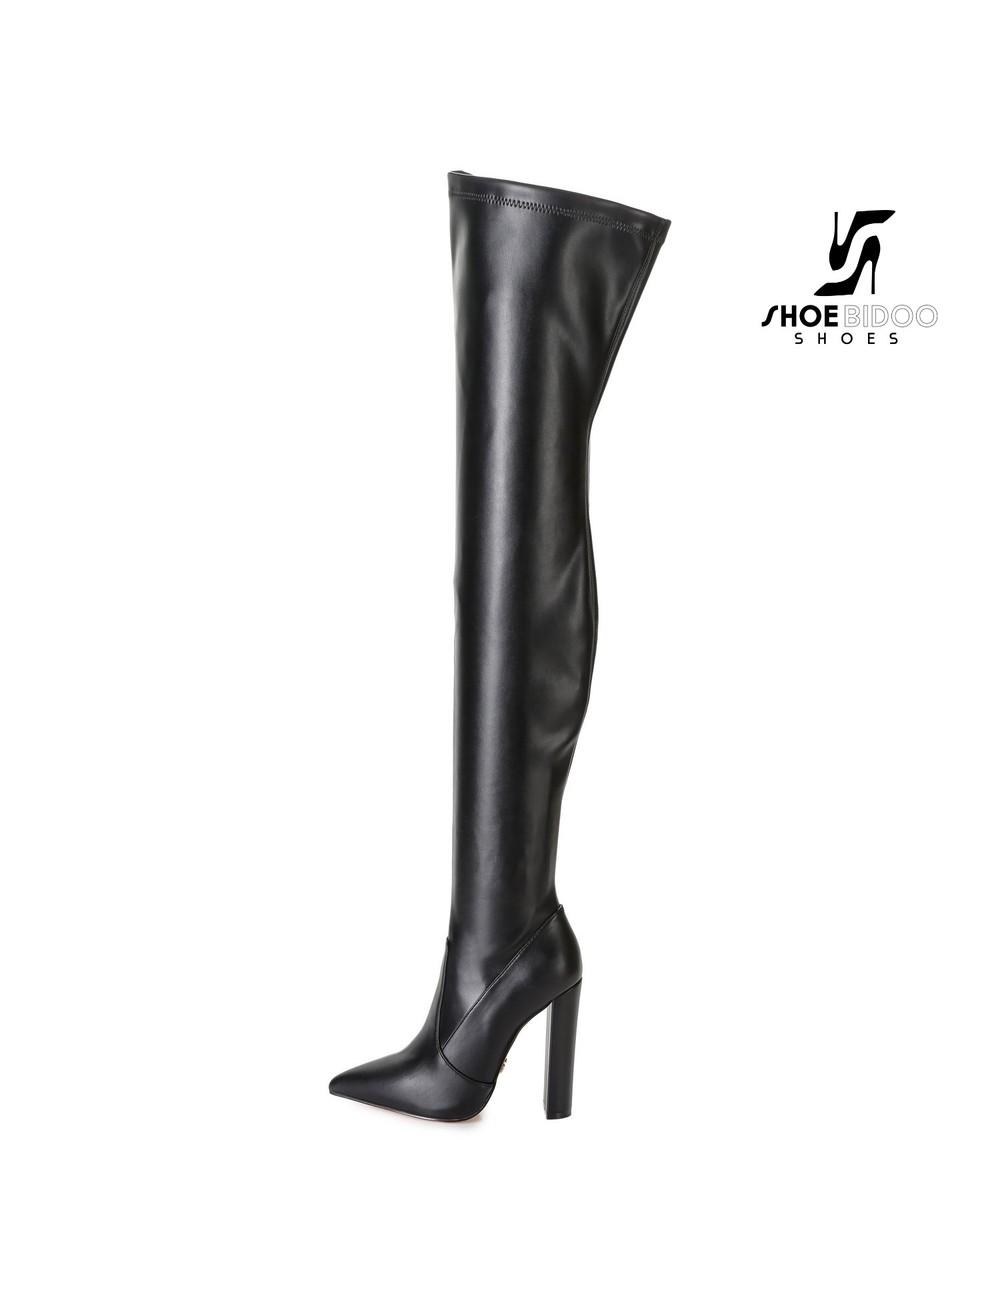 Giaro Giaro fashion thigh boots TRINKET in black mat